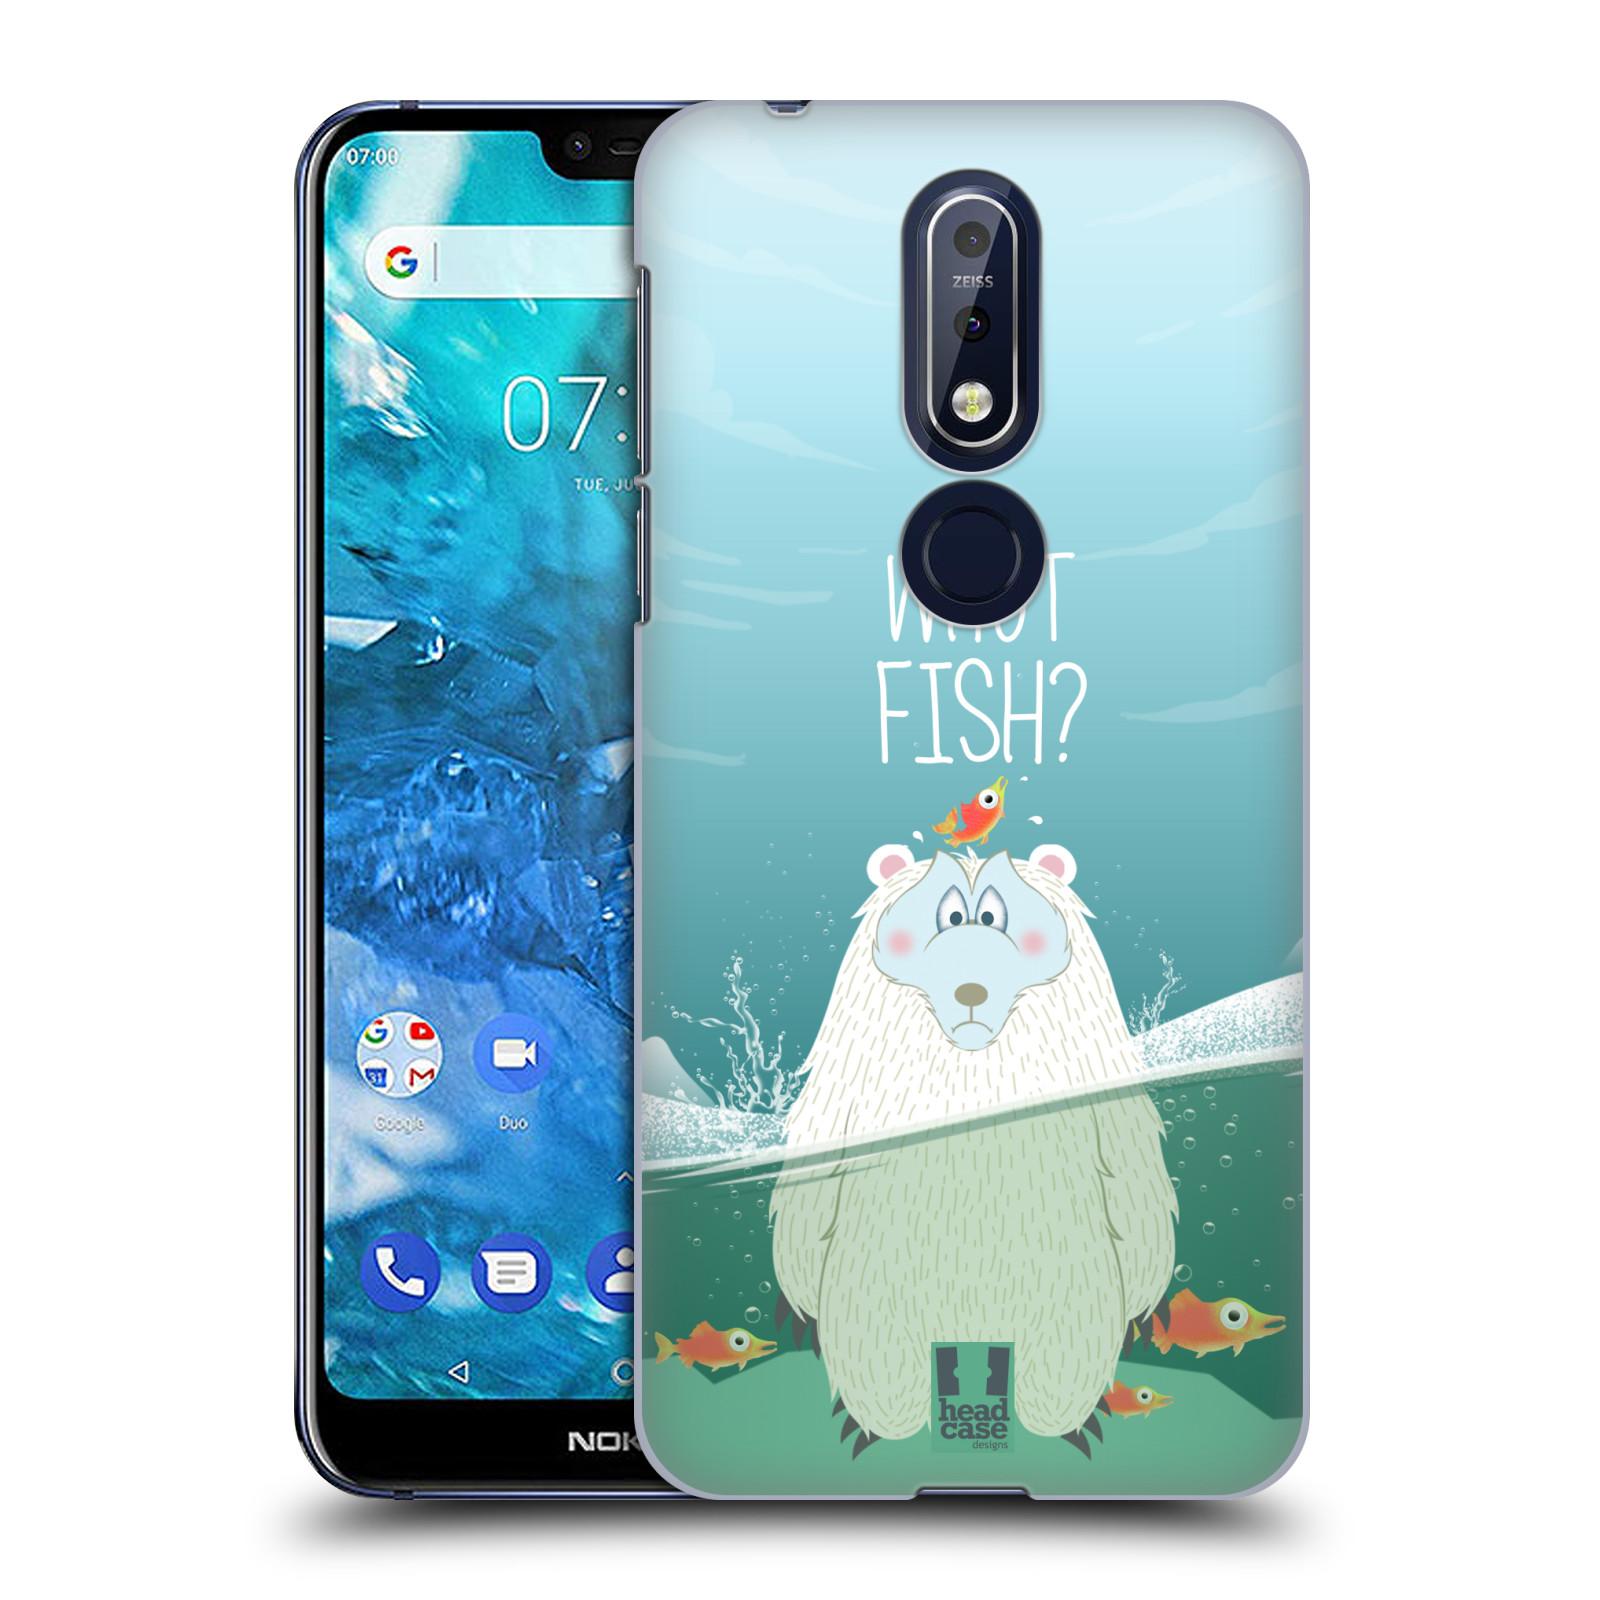 Plastové pouzdro na mobil Nokia 7.1 - Head Case - Medvěd Whut Fish?